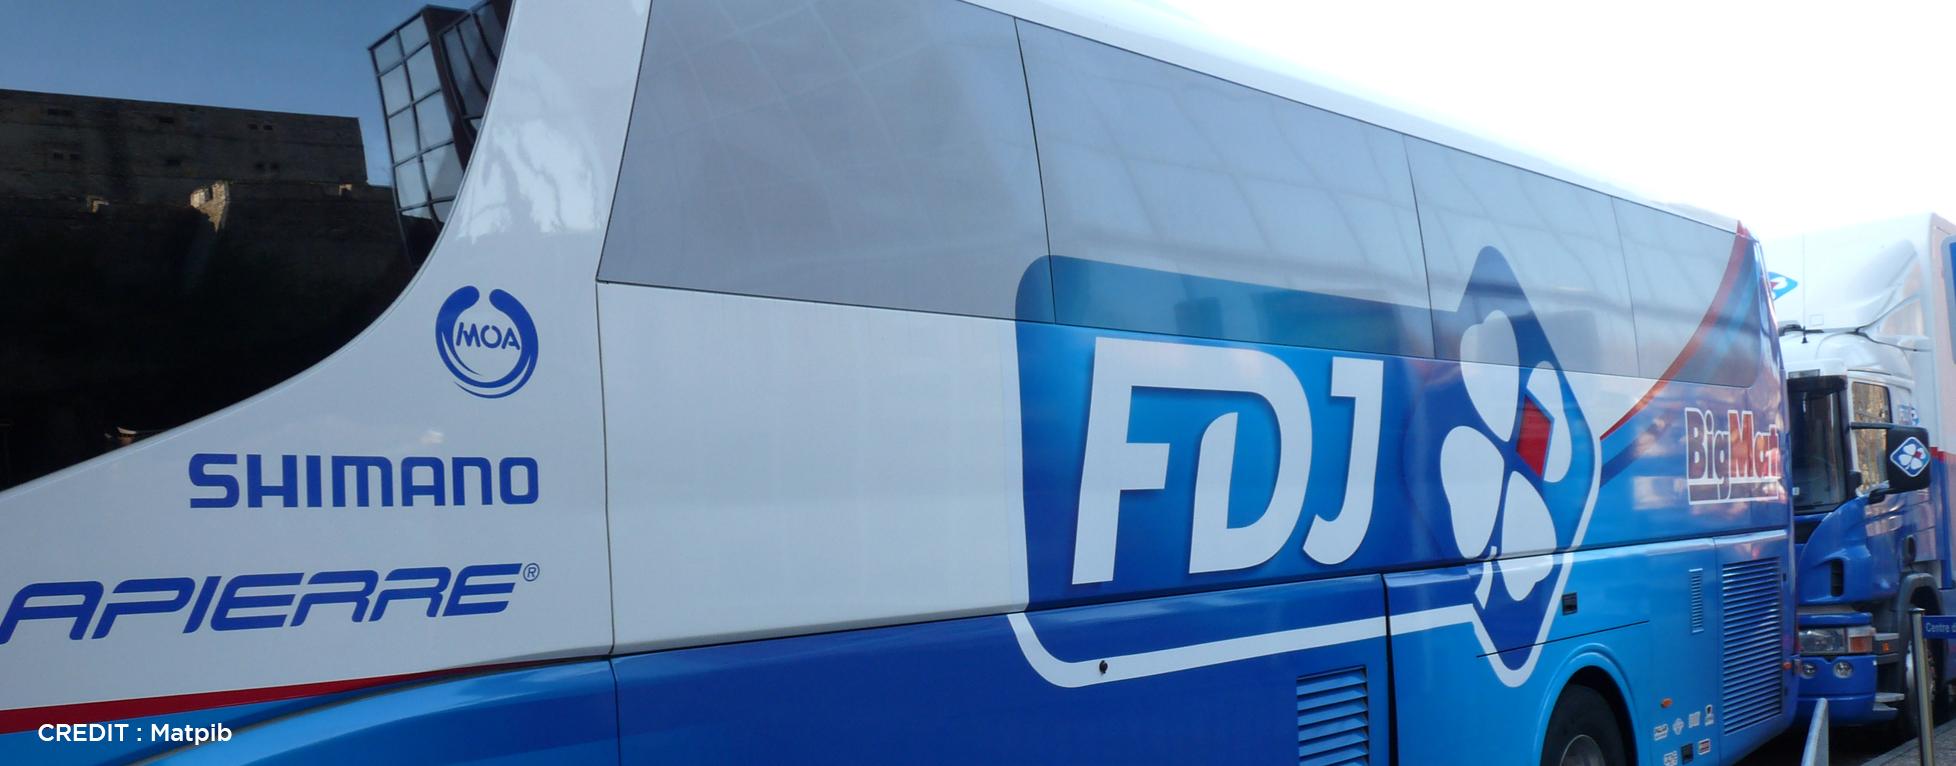 La FDJ est introduite aujourd'hui en Bourse. Est-ce que ce sera un bon placement pour les Français ?